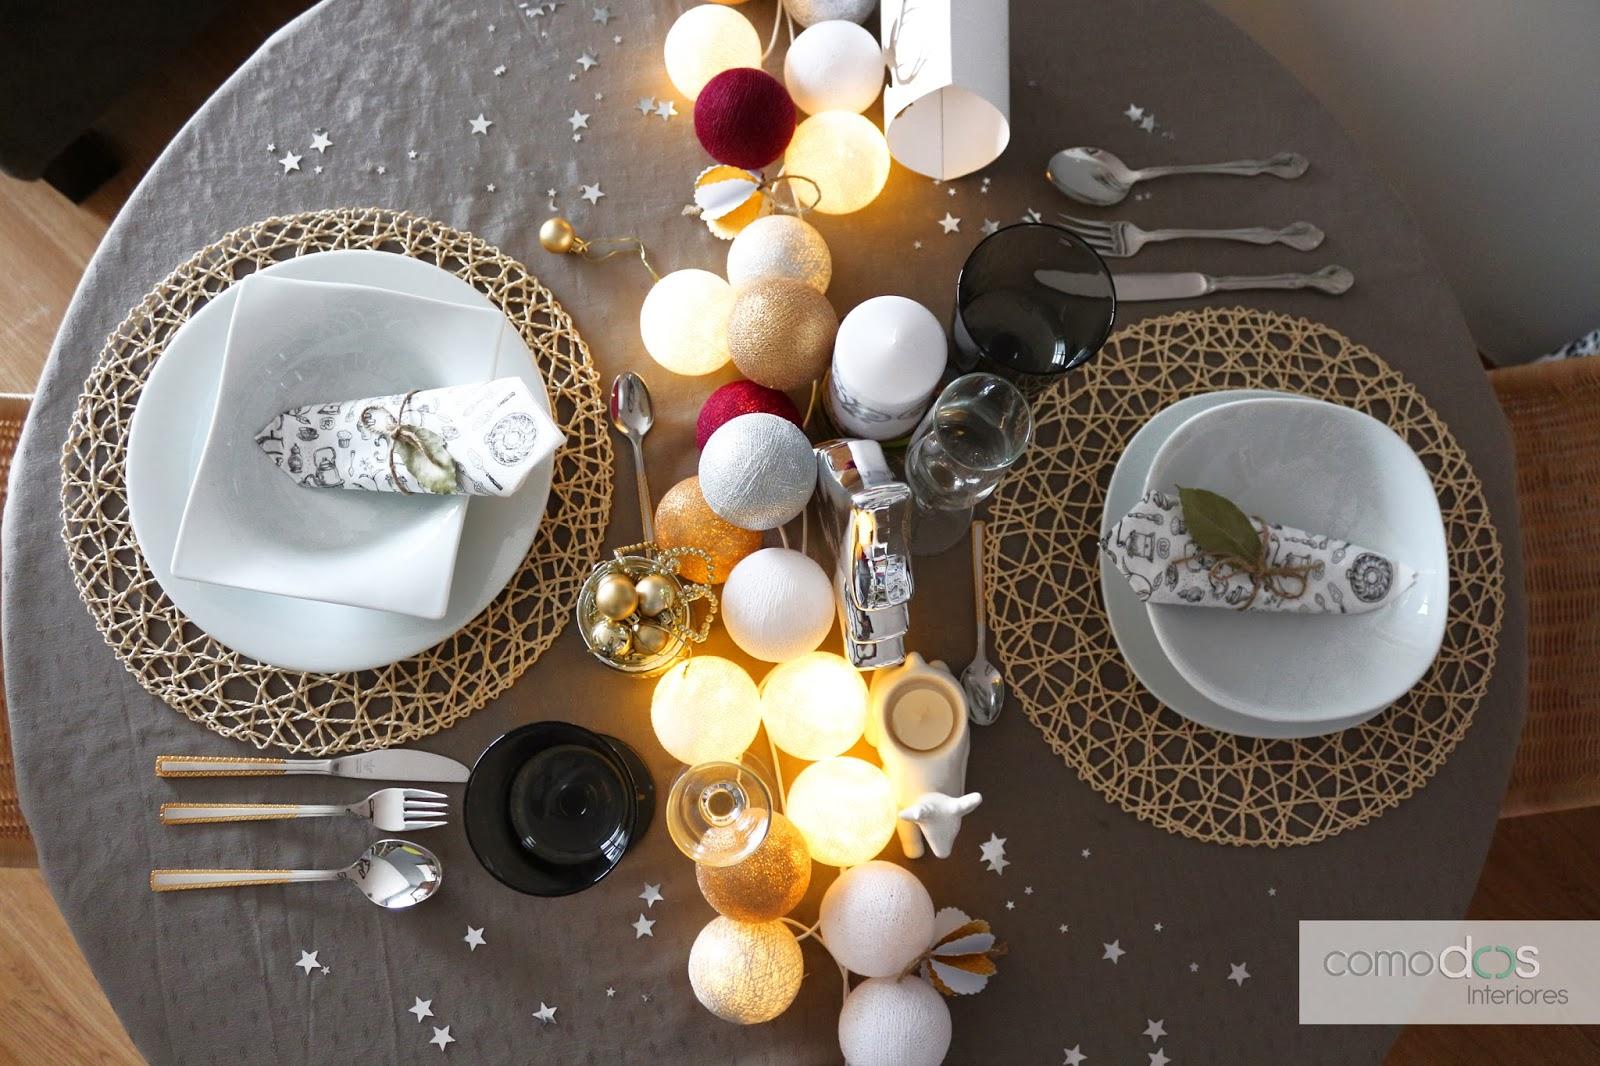 Comodoos interiores tu blog de decoracion poner la mesa - Como poner la mesa en navidad ...